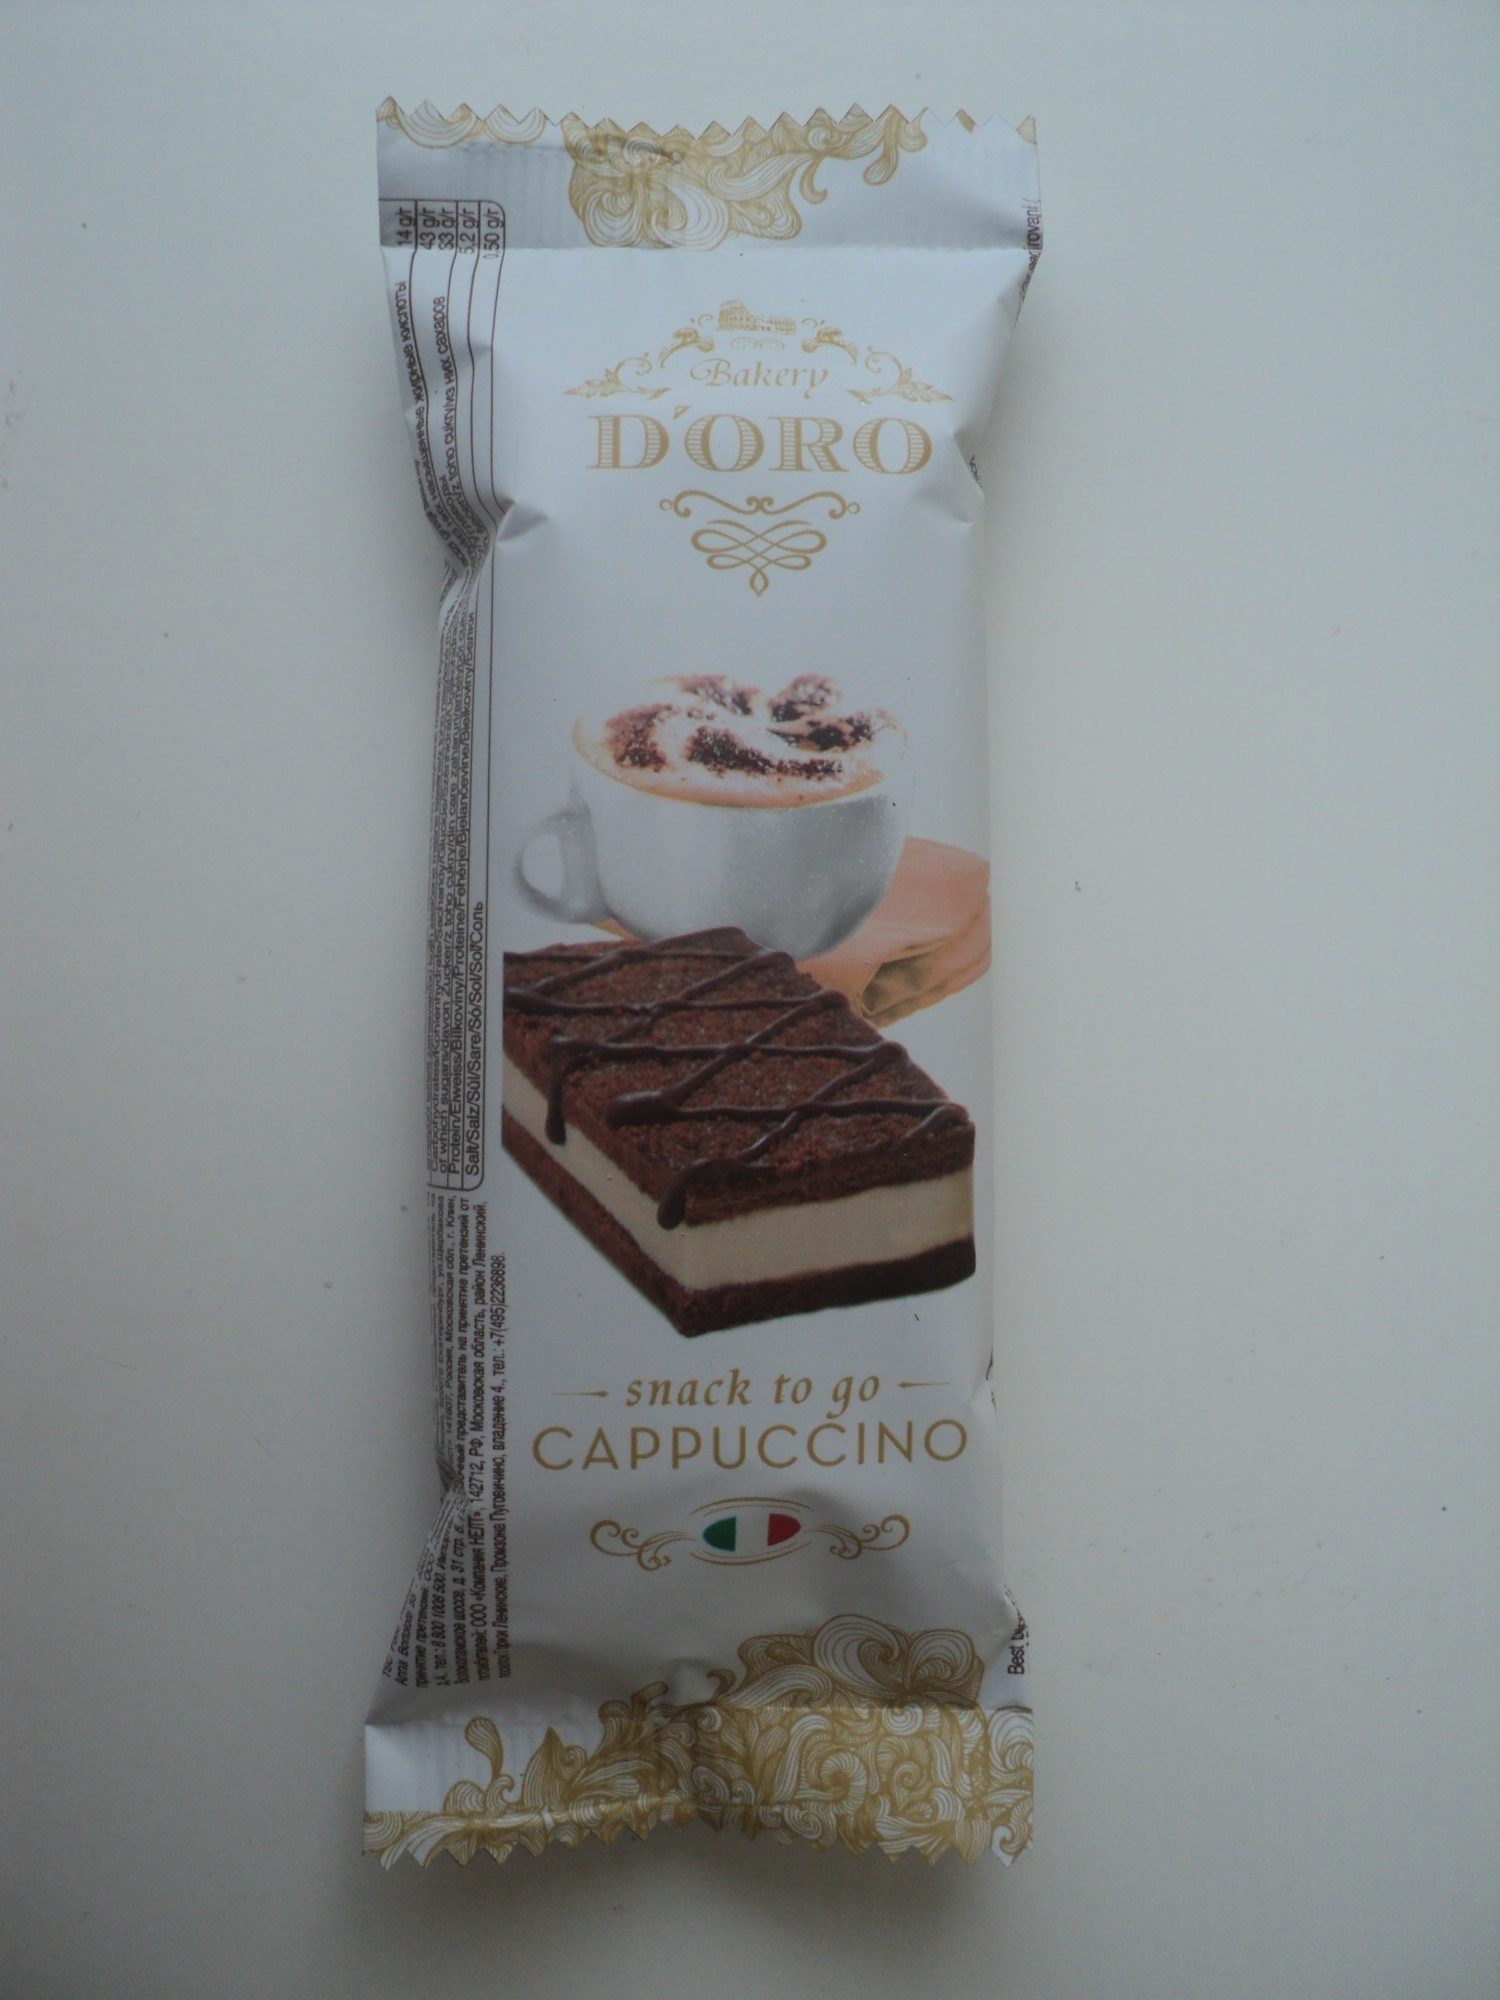 Bakery d'Oro Pandispan cu cacao umplut cu crema de lapte si cappuccino - Продукт - ro